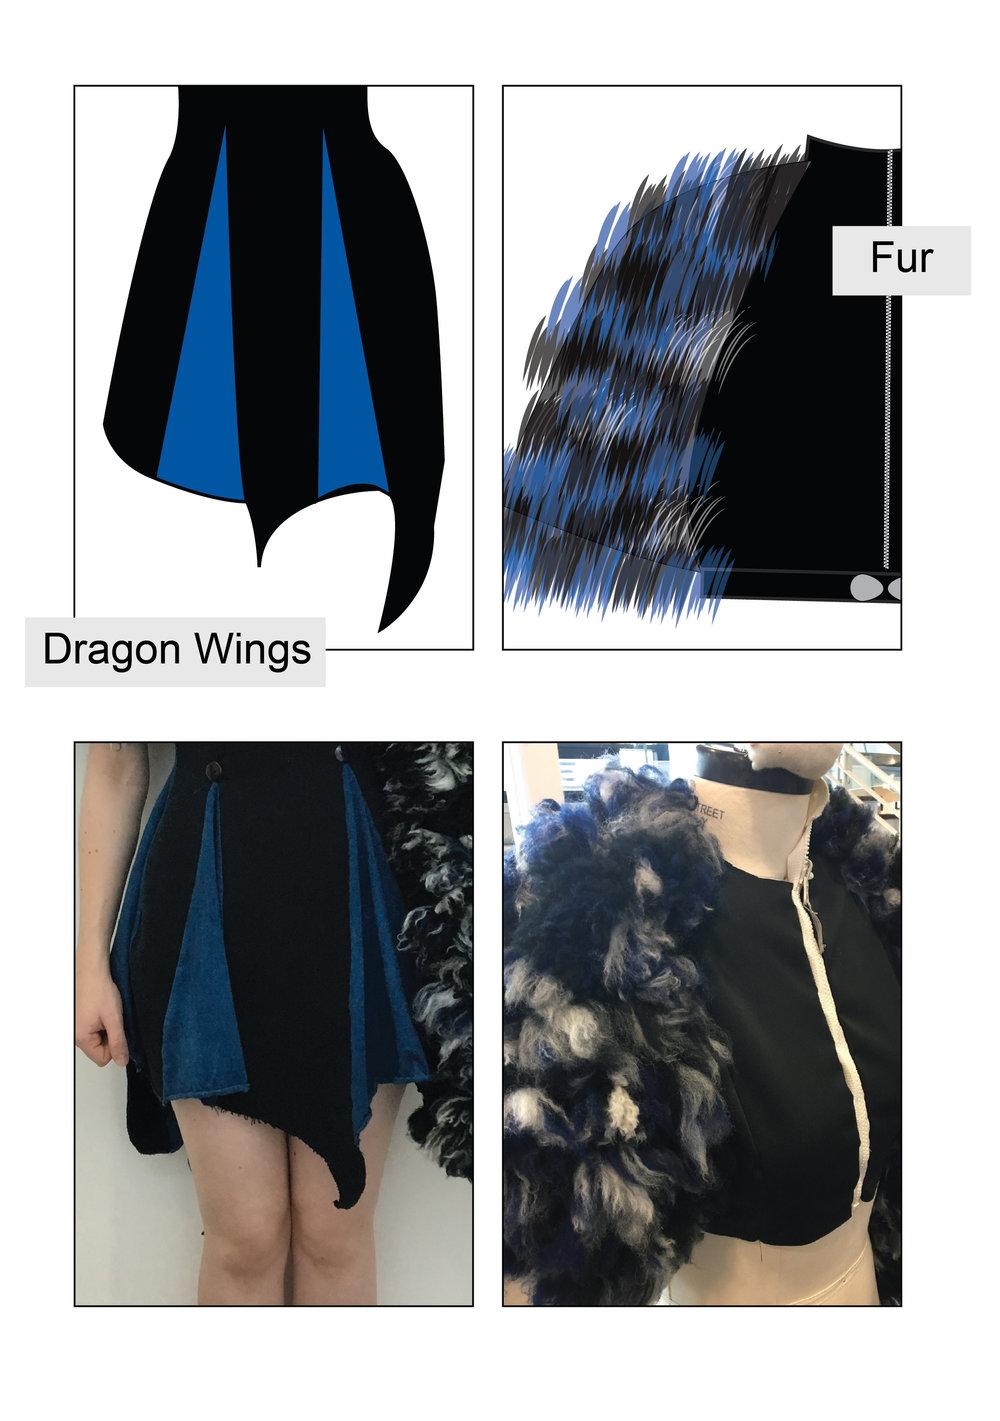 WingsFur.jpg